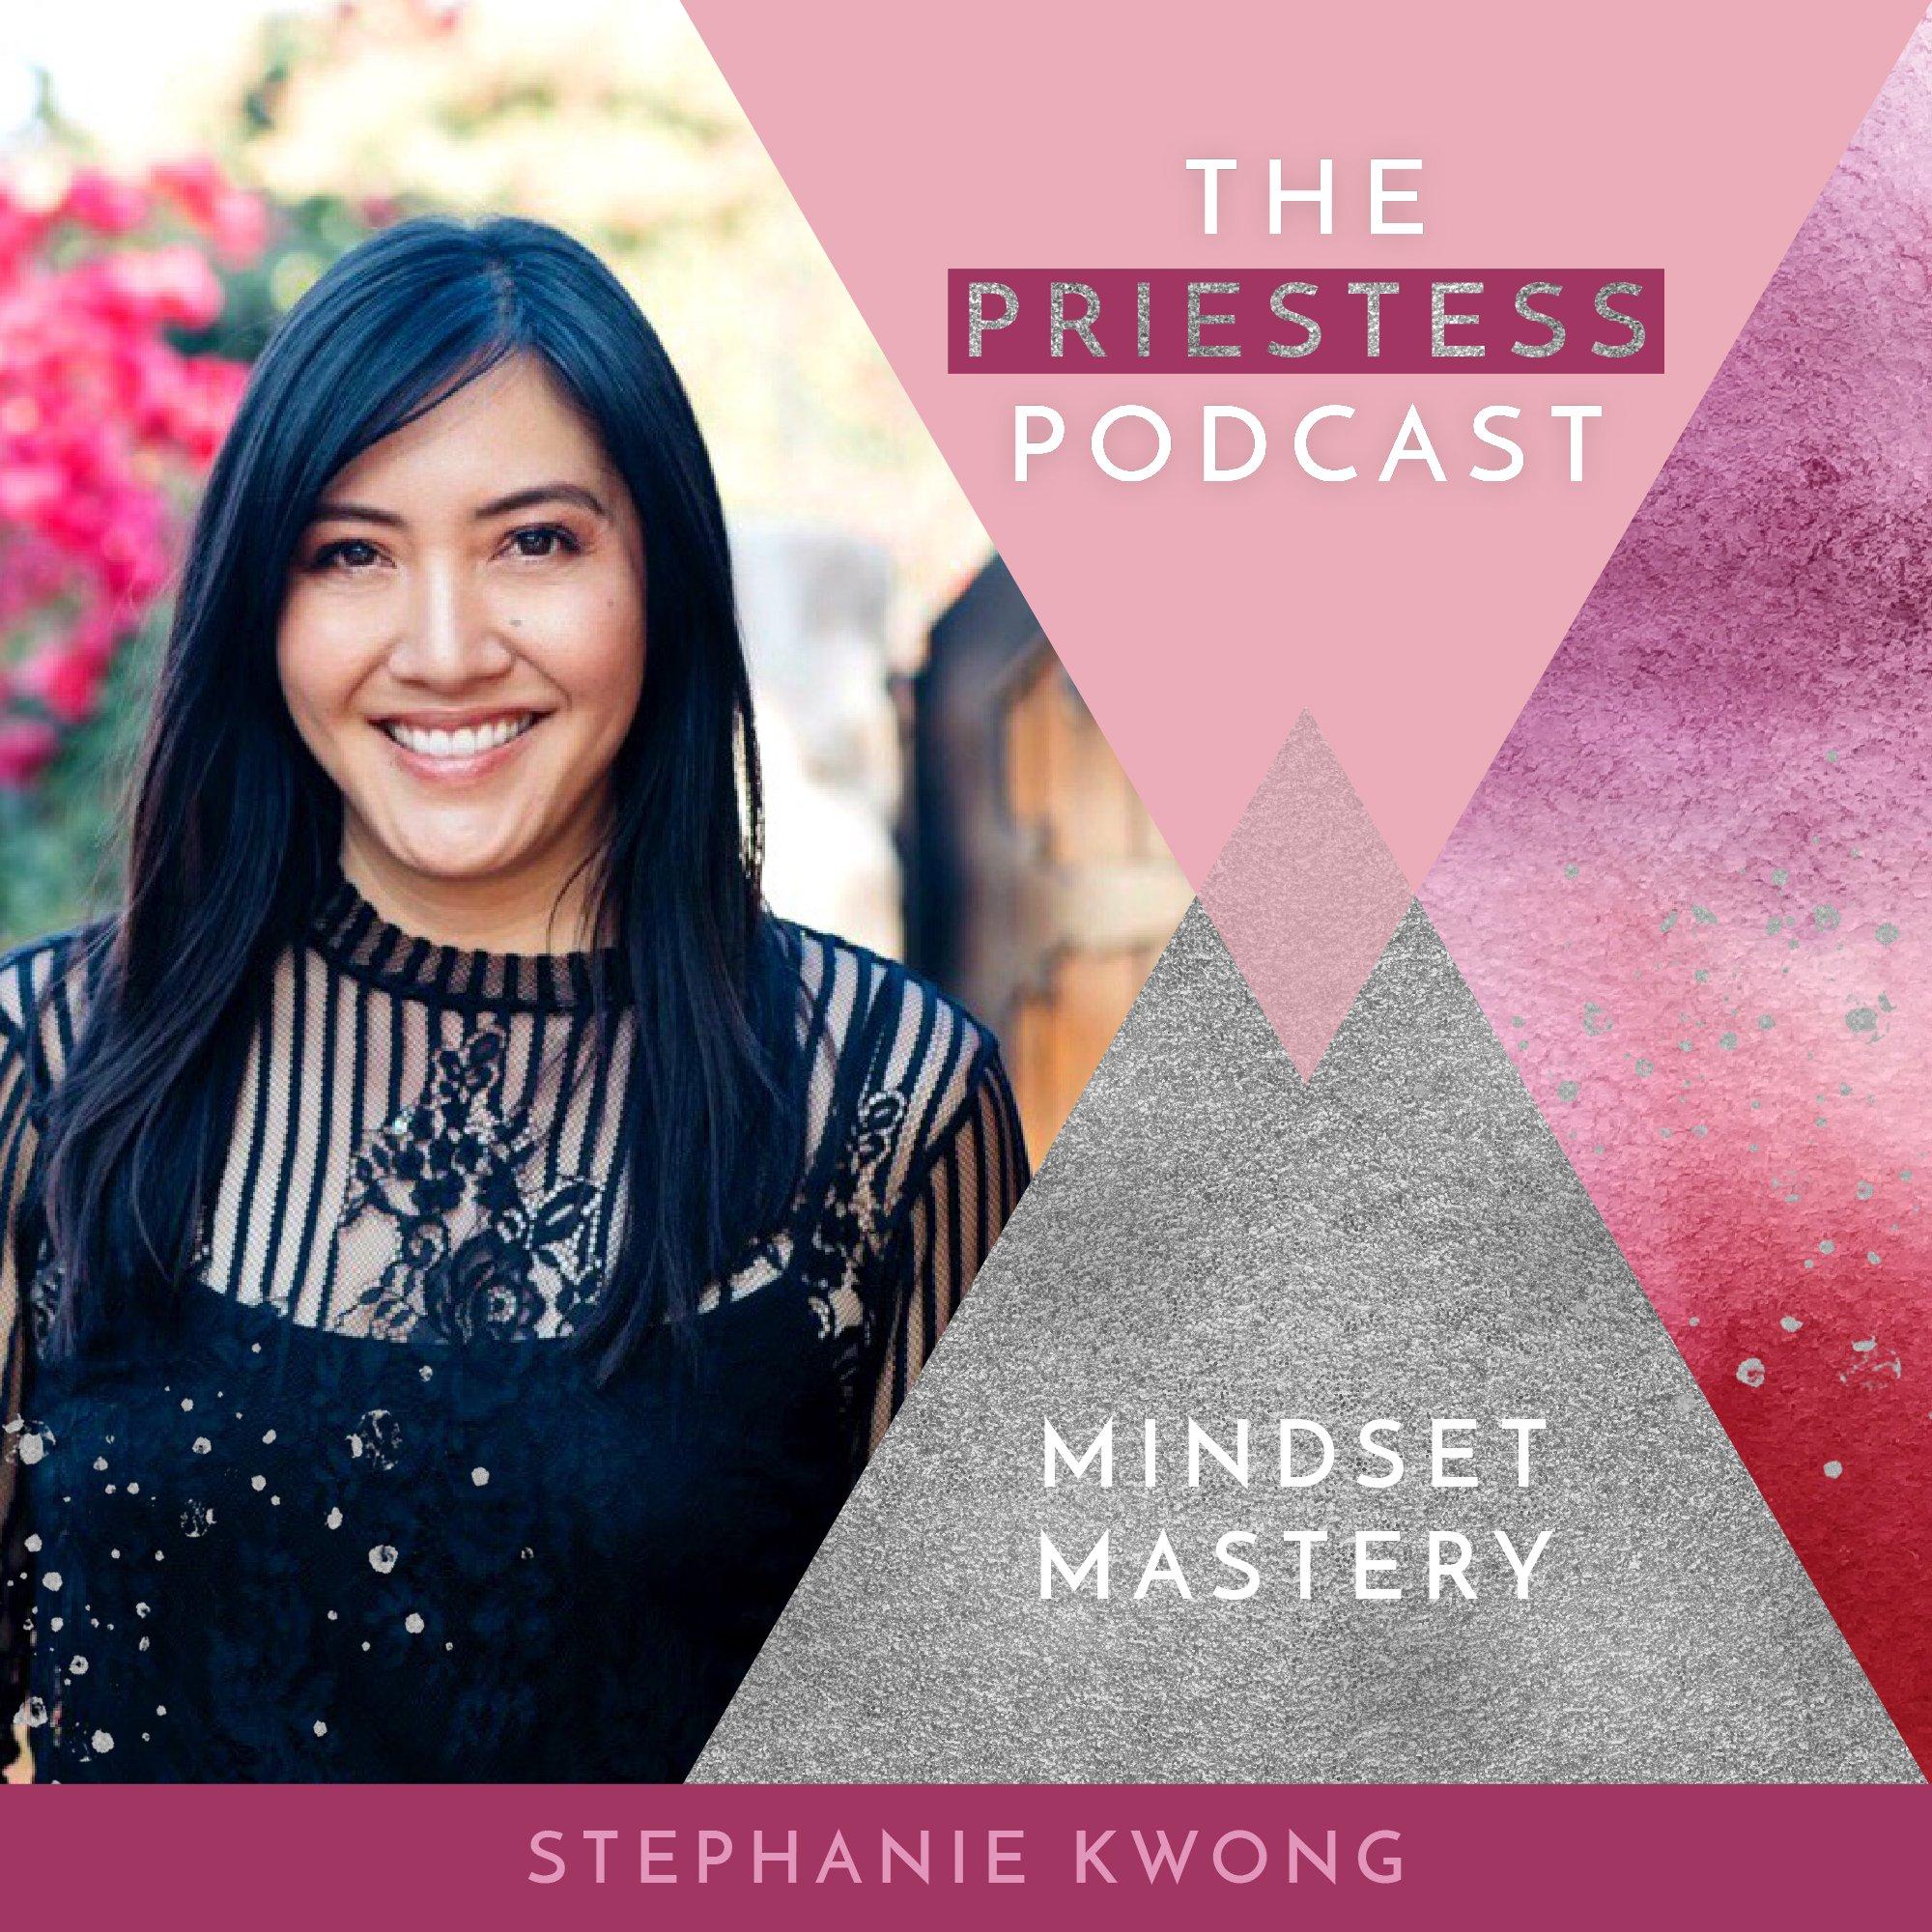 Stephanie Kwong on Mindset Mastery